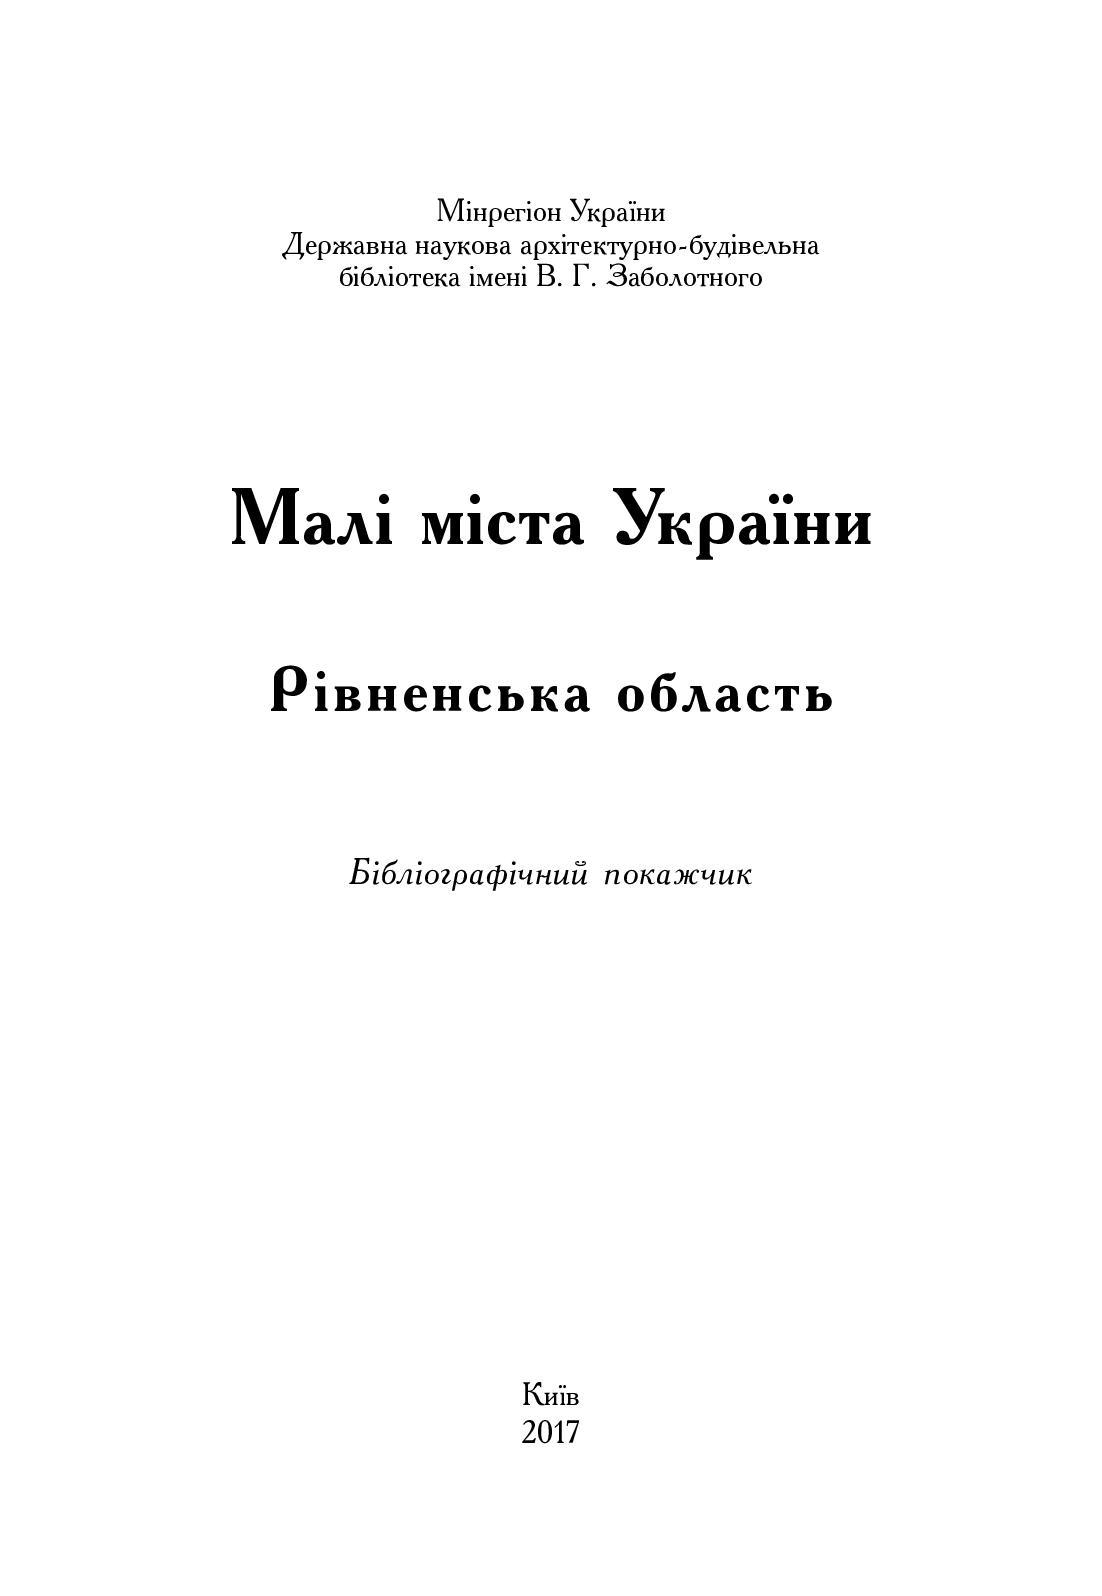 Рівненська область 30 06 2017